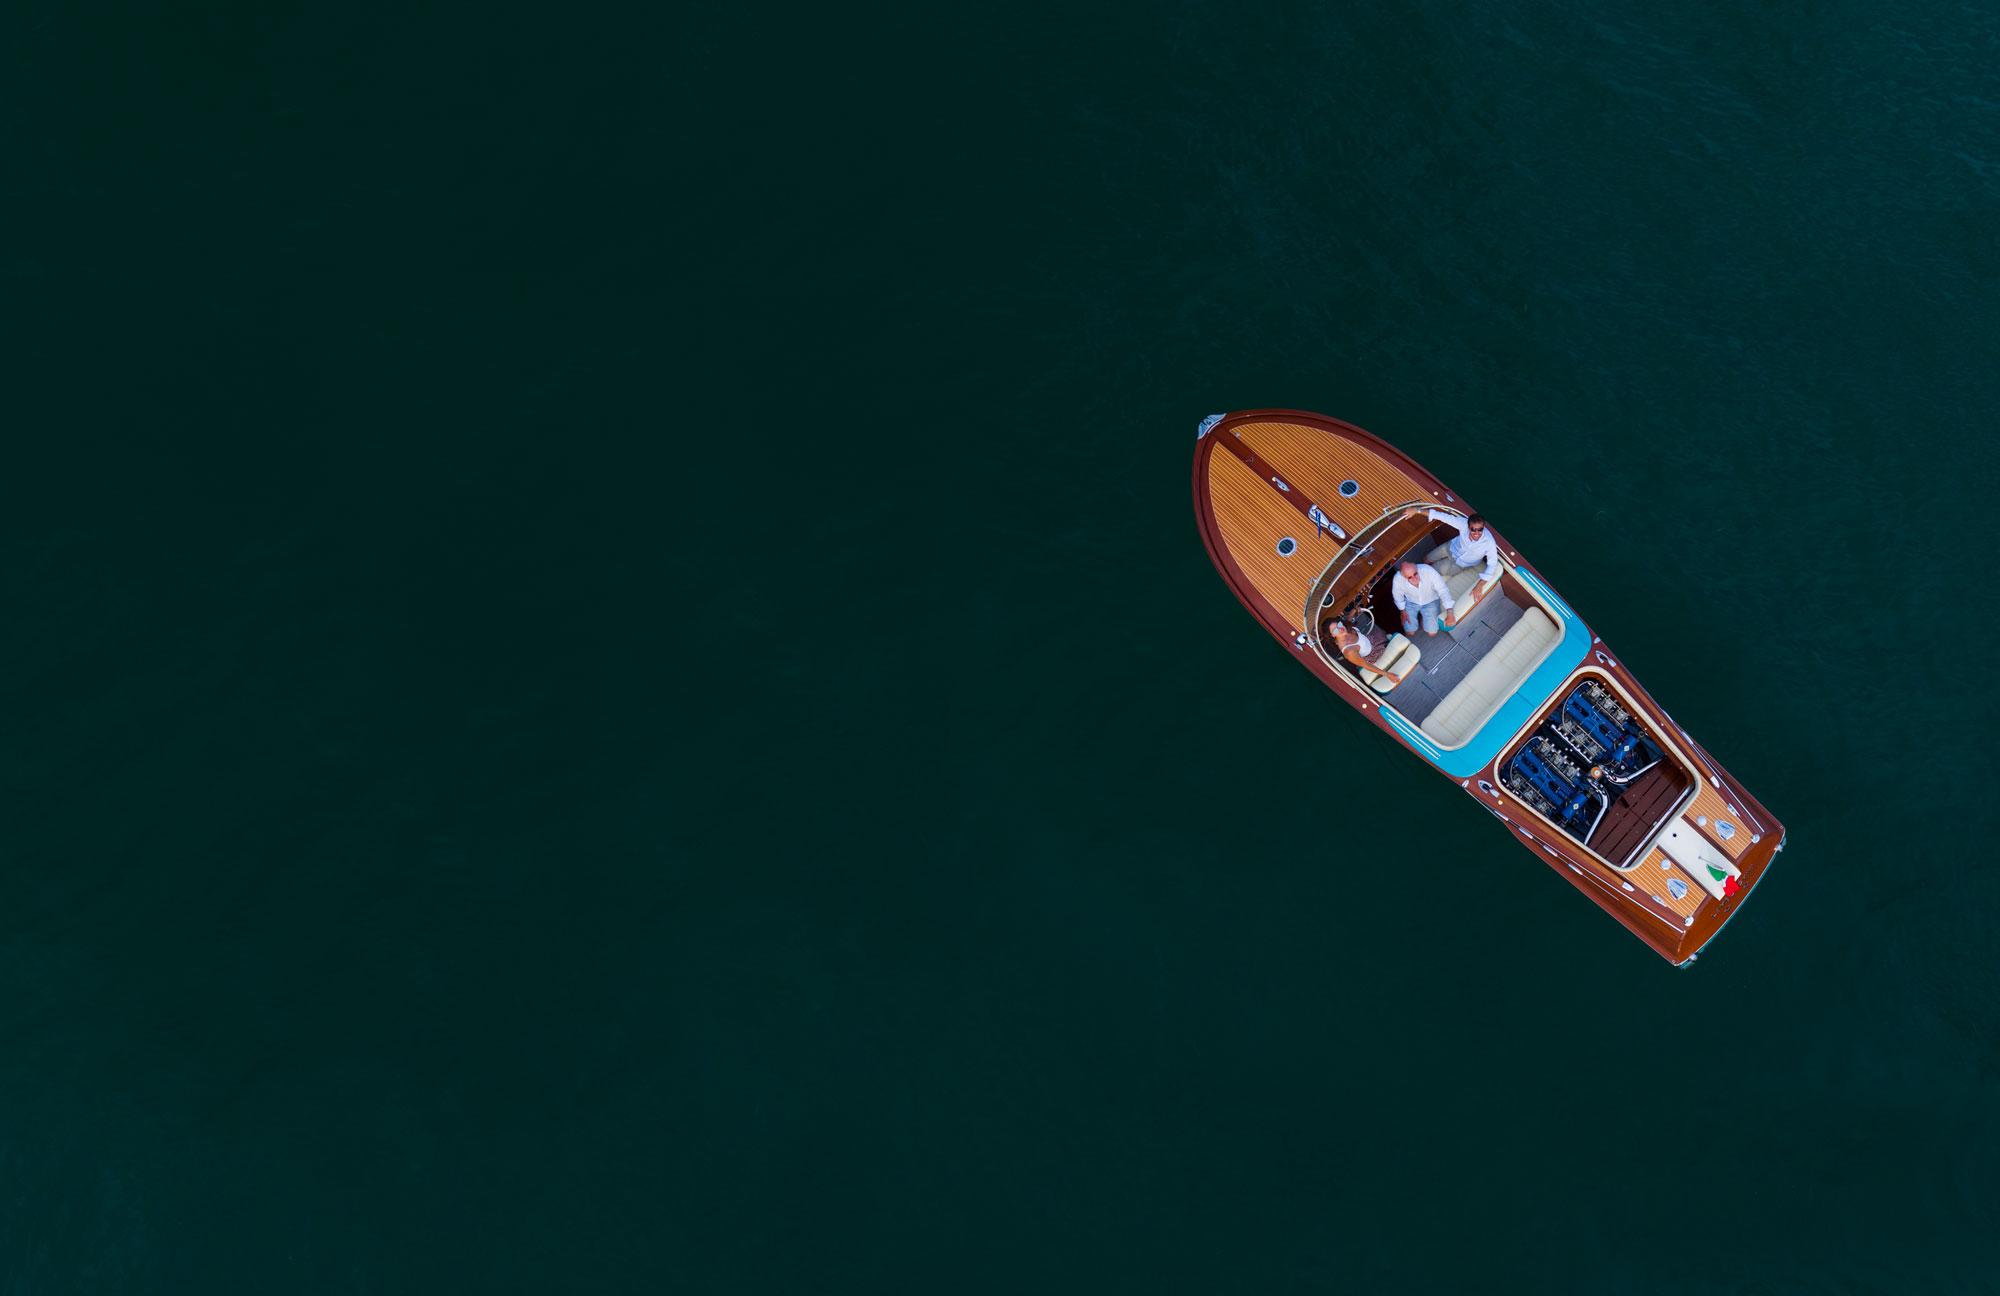 Câu chuyện về chiếc du thuyền Riva mang trái tim Lamborghini